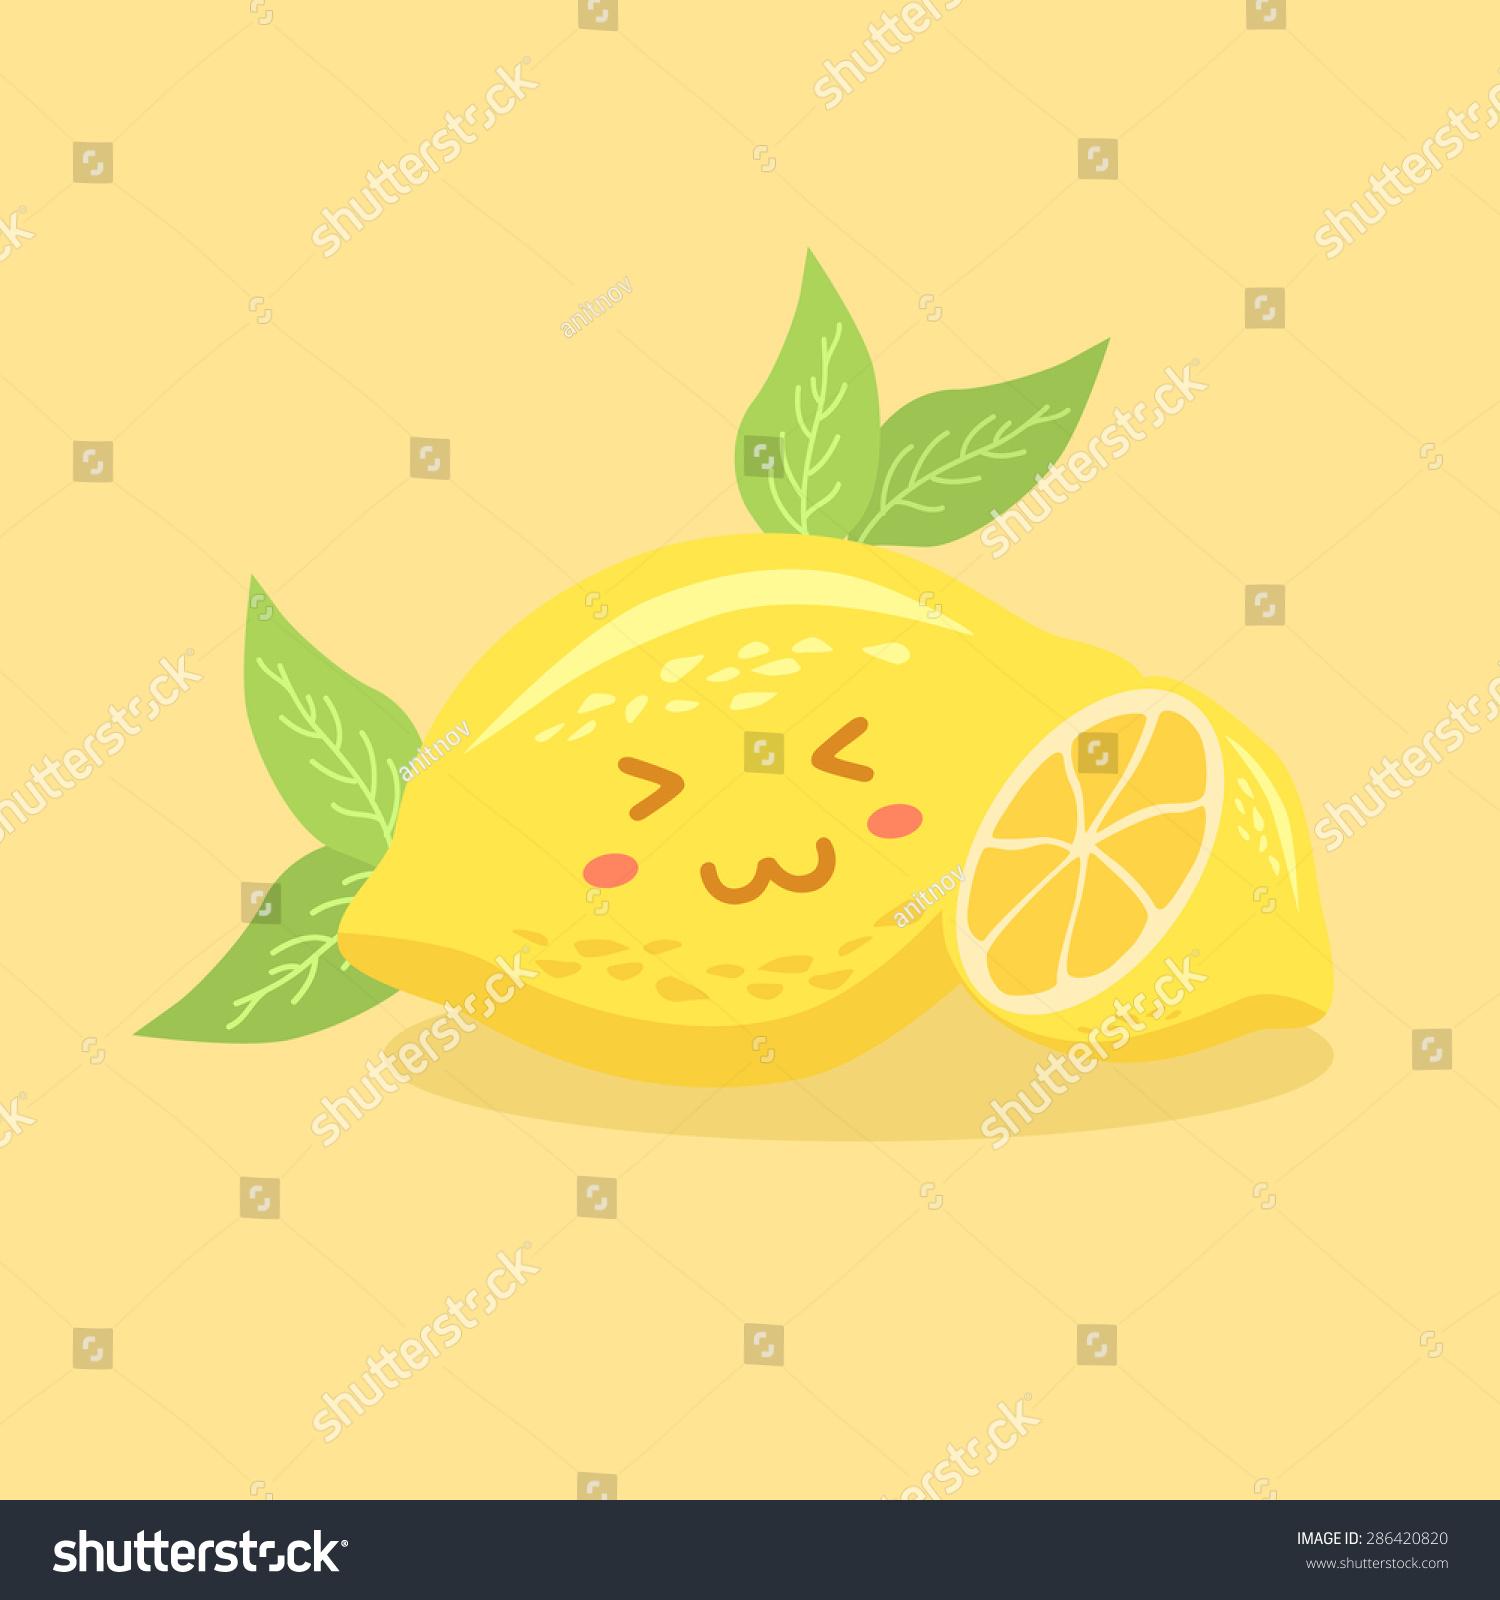 黄色背景下可爱的柠檬果吉祥物矢量图